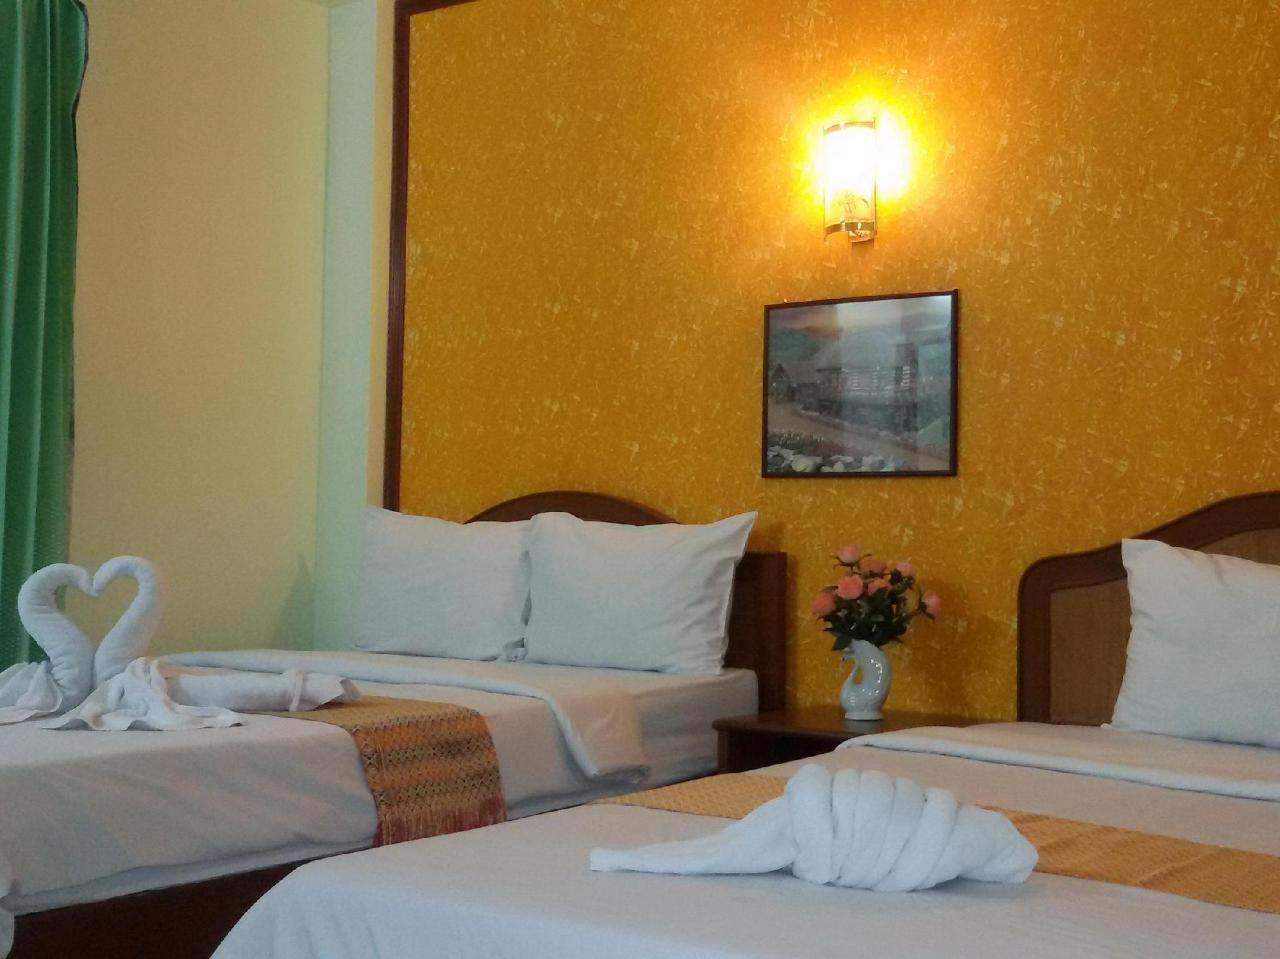 โรงแรมเทพรัตน์ ลอร์จ (Thepparat Lodge Hotel)